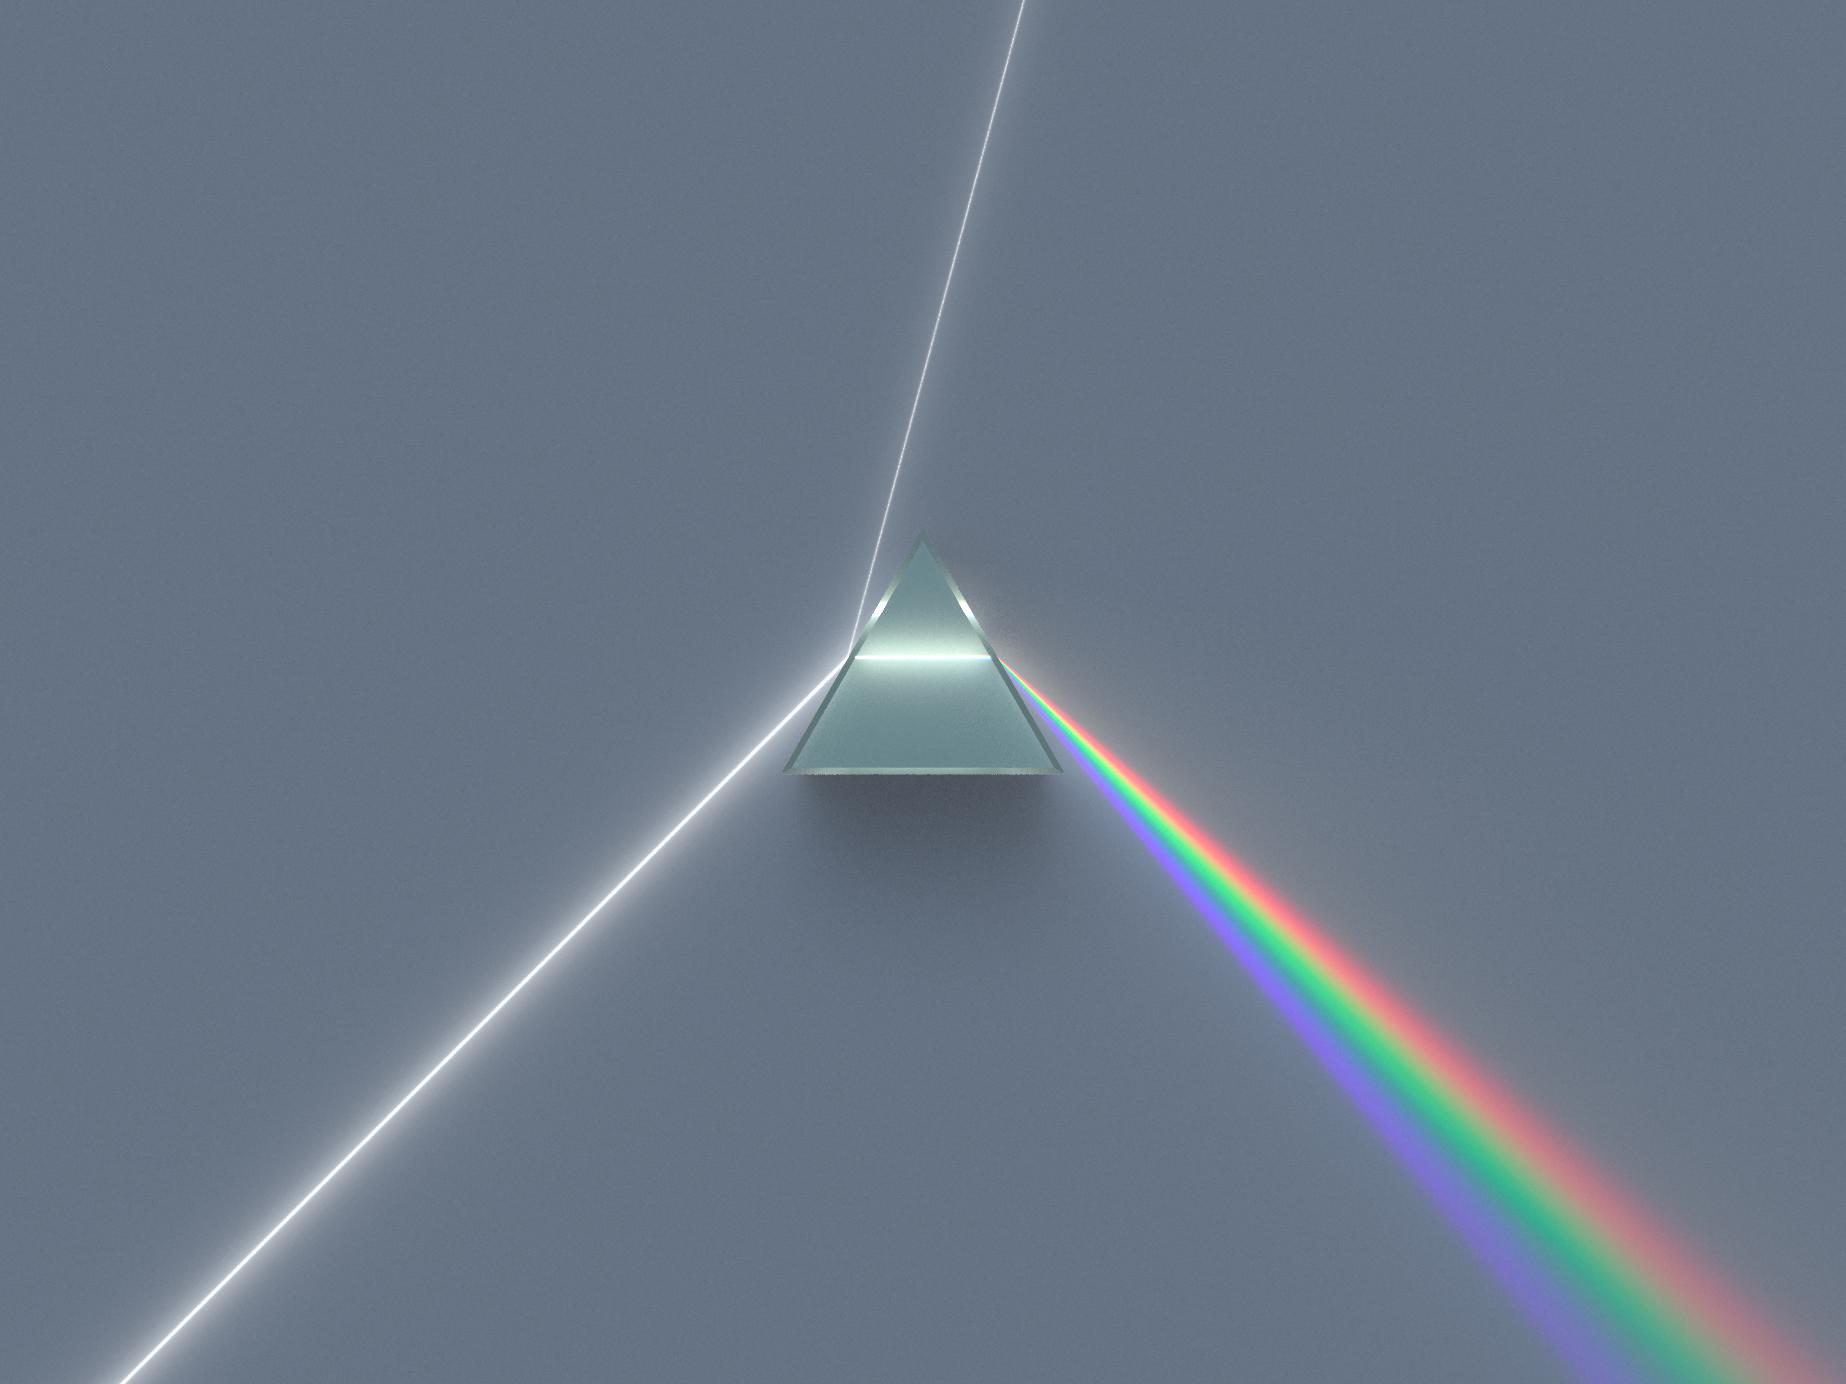 Призма разлагает белый свет